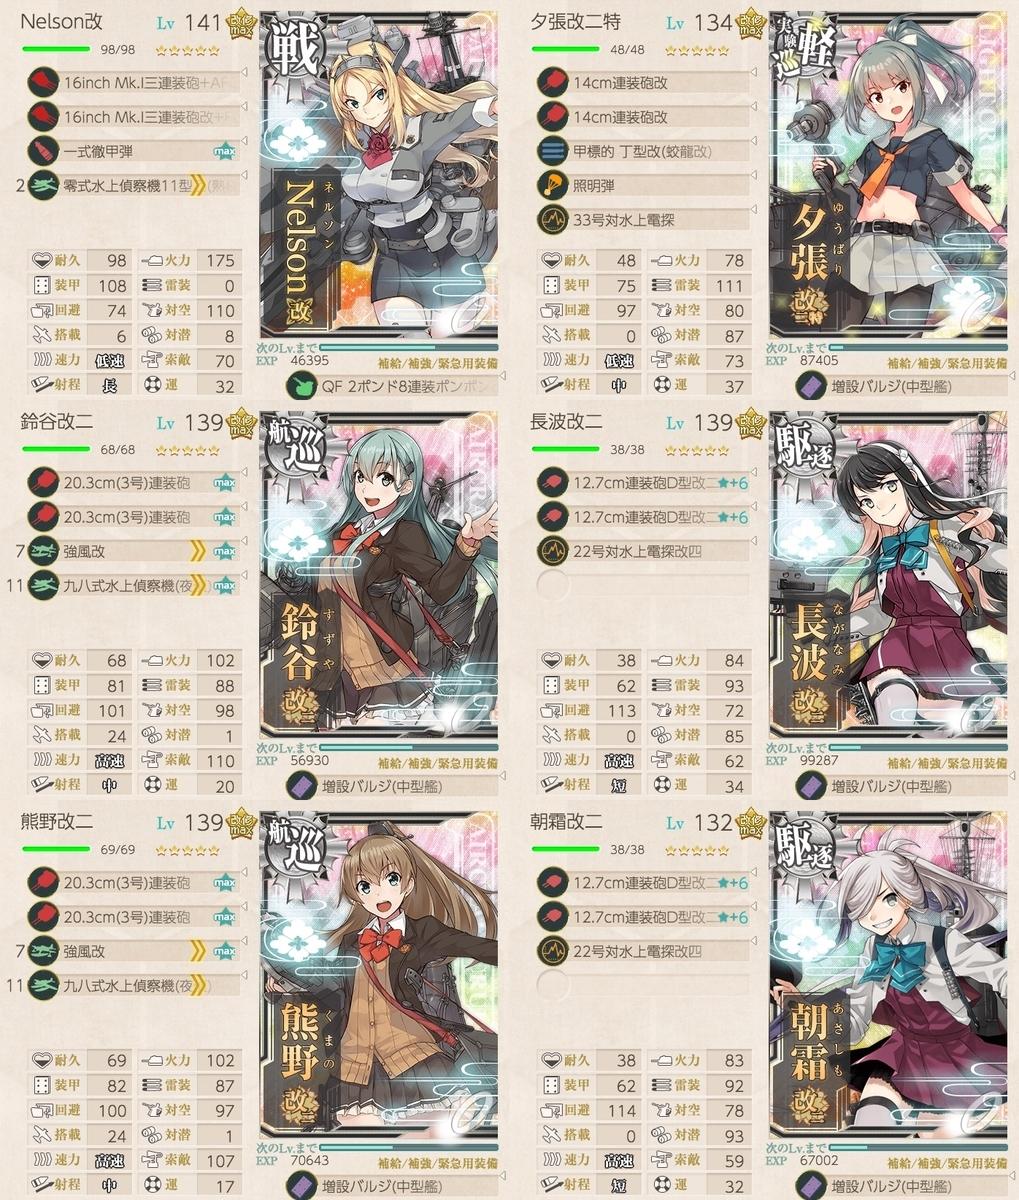 f:id:nameless_admiral:20200614003949j:plain